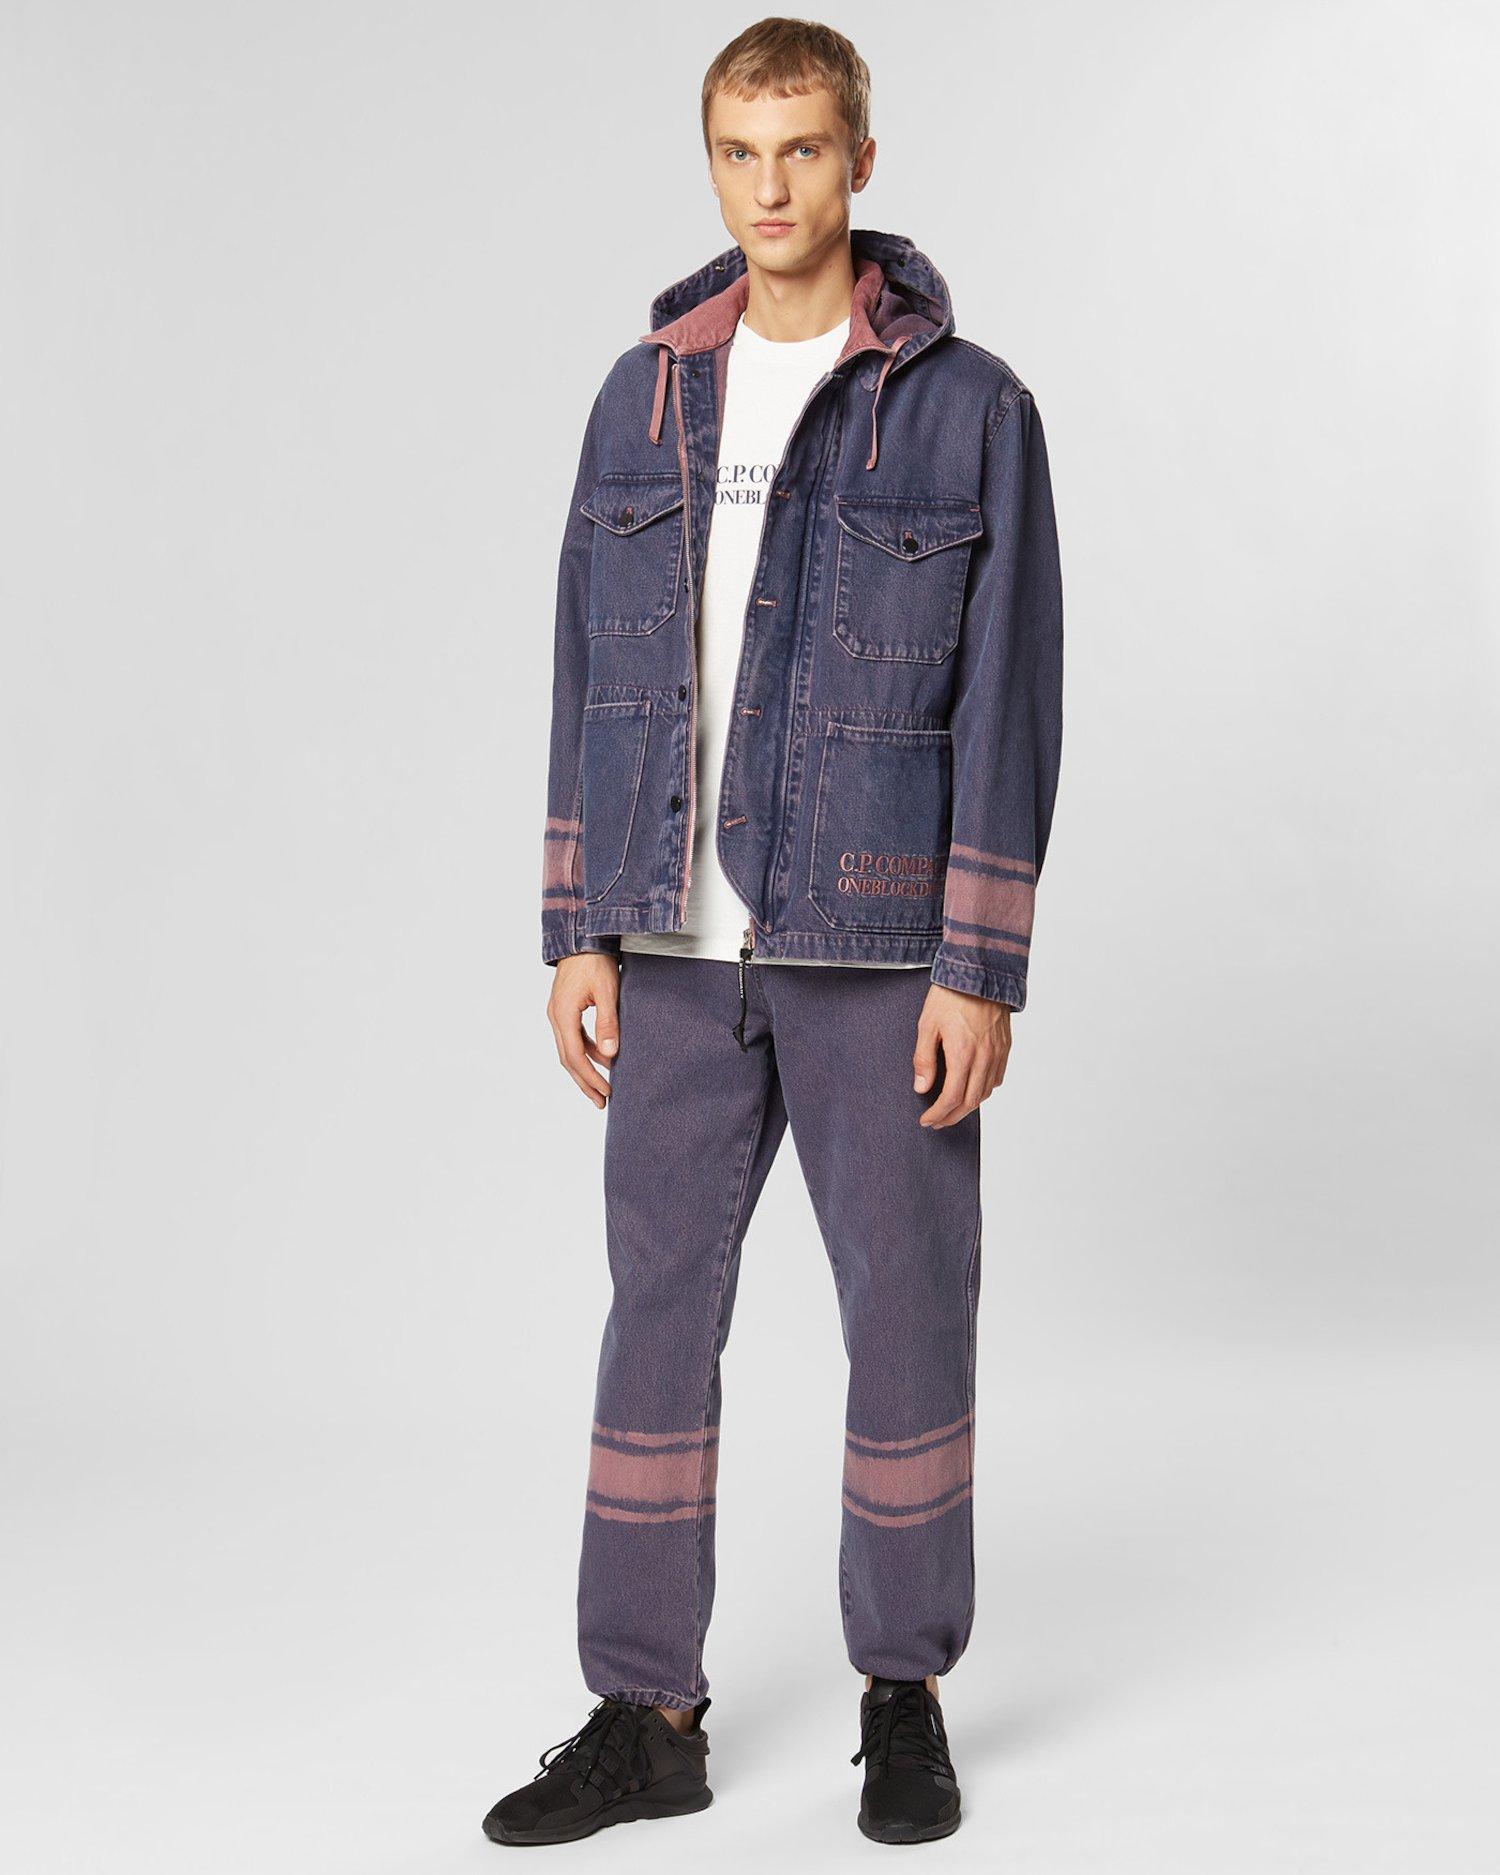 Denim 14 3/4 OZ Work Jacket in Pink Overdyed Denim